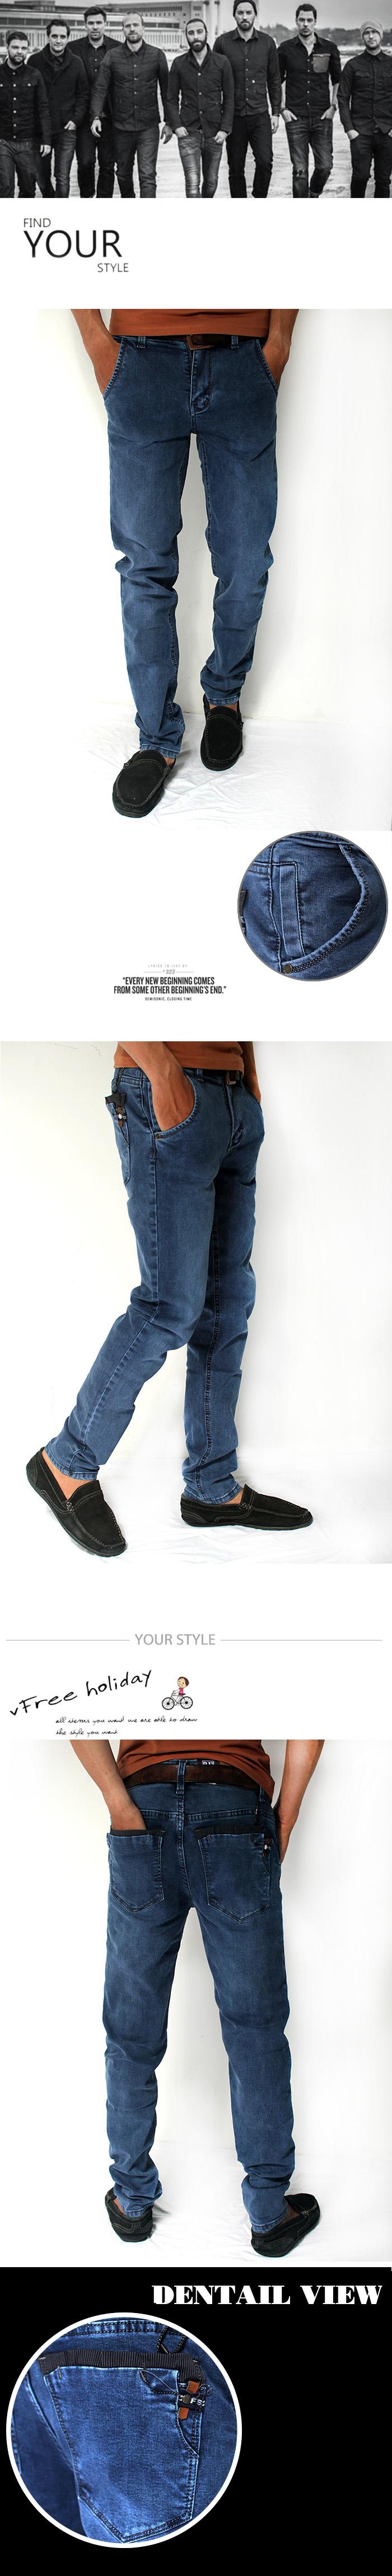 Quần jean xanh đen qj1166 - 1